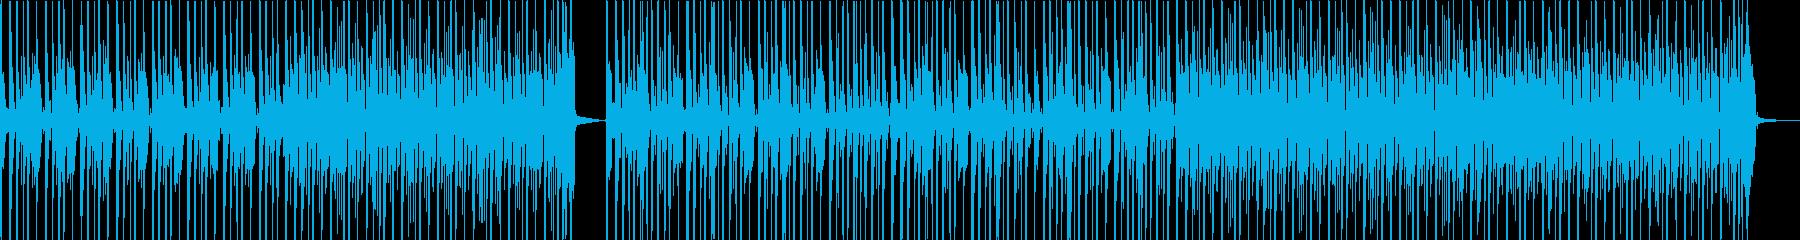 ドラムが中心なシンプルなロックの再生済みの波形